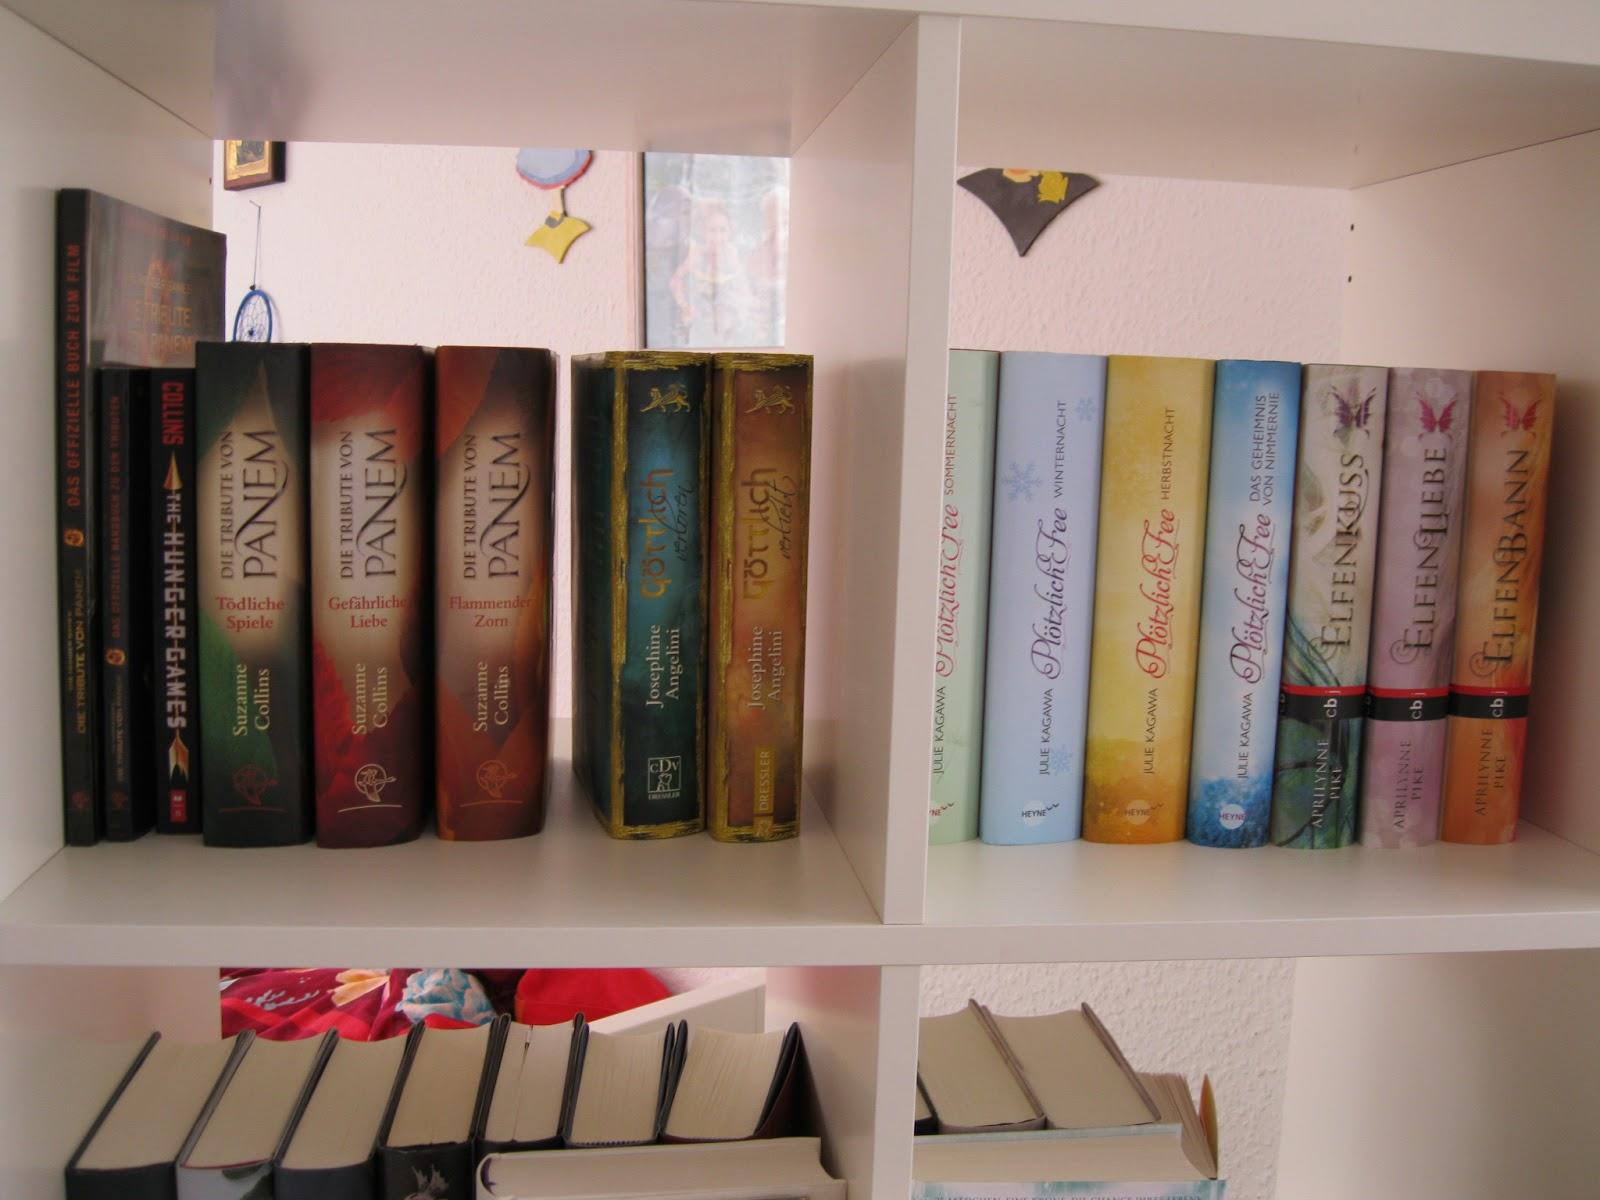 Bücherregal gemalt  Das Buchgelaber: [TAG] Eine Reise durch mein Bücherregal